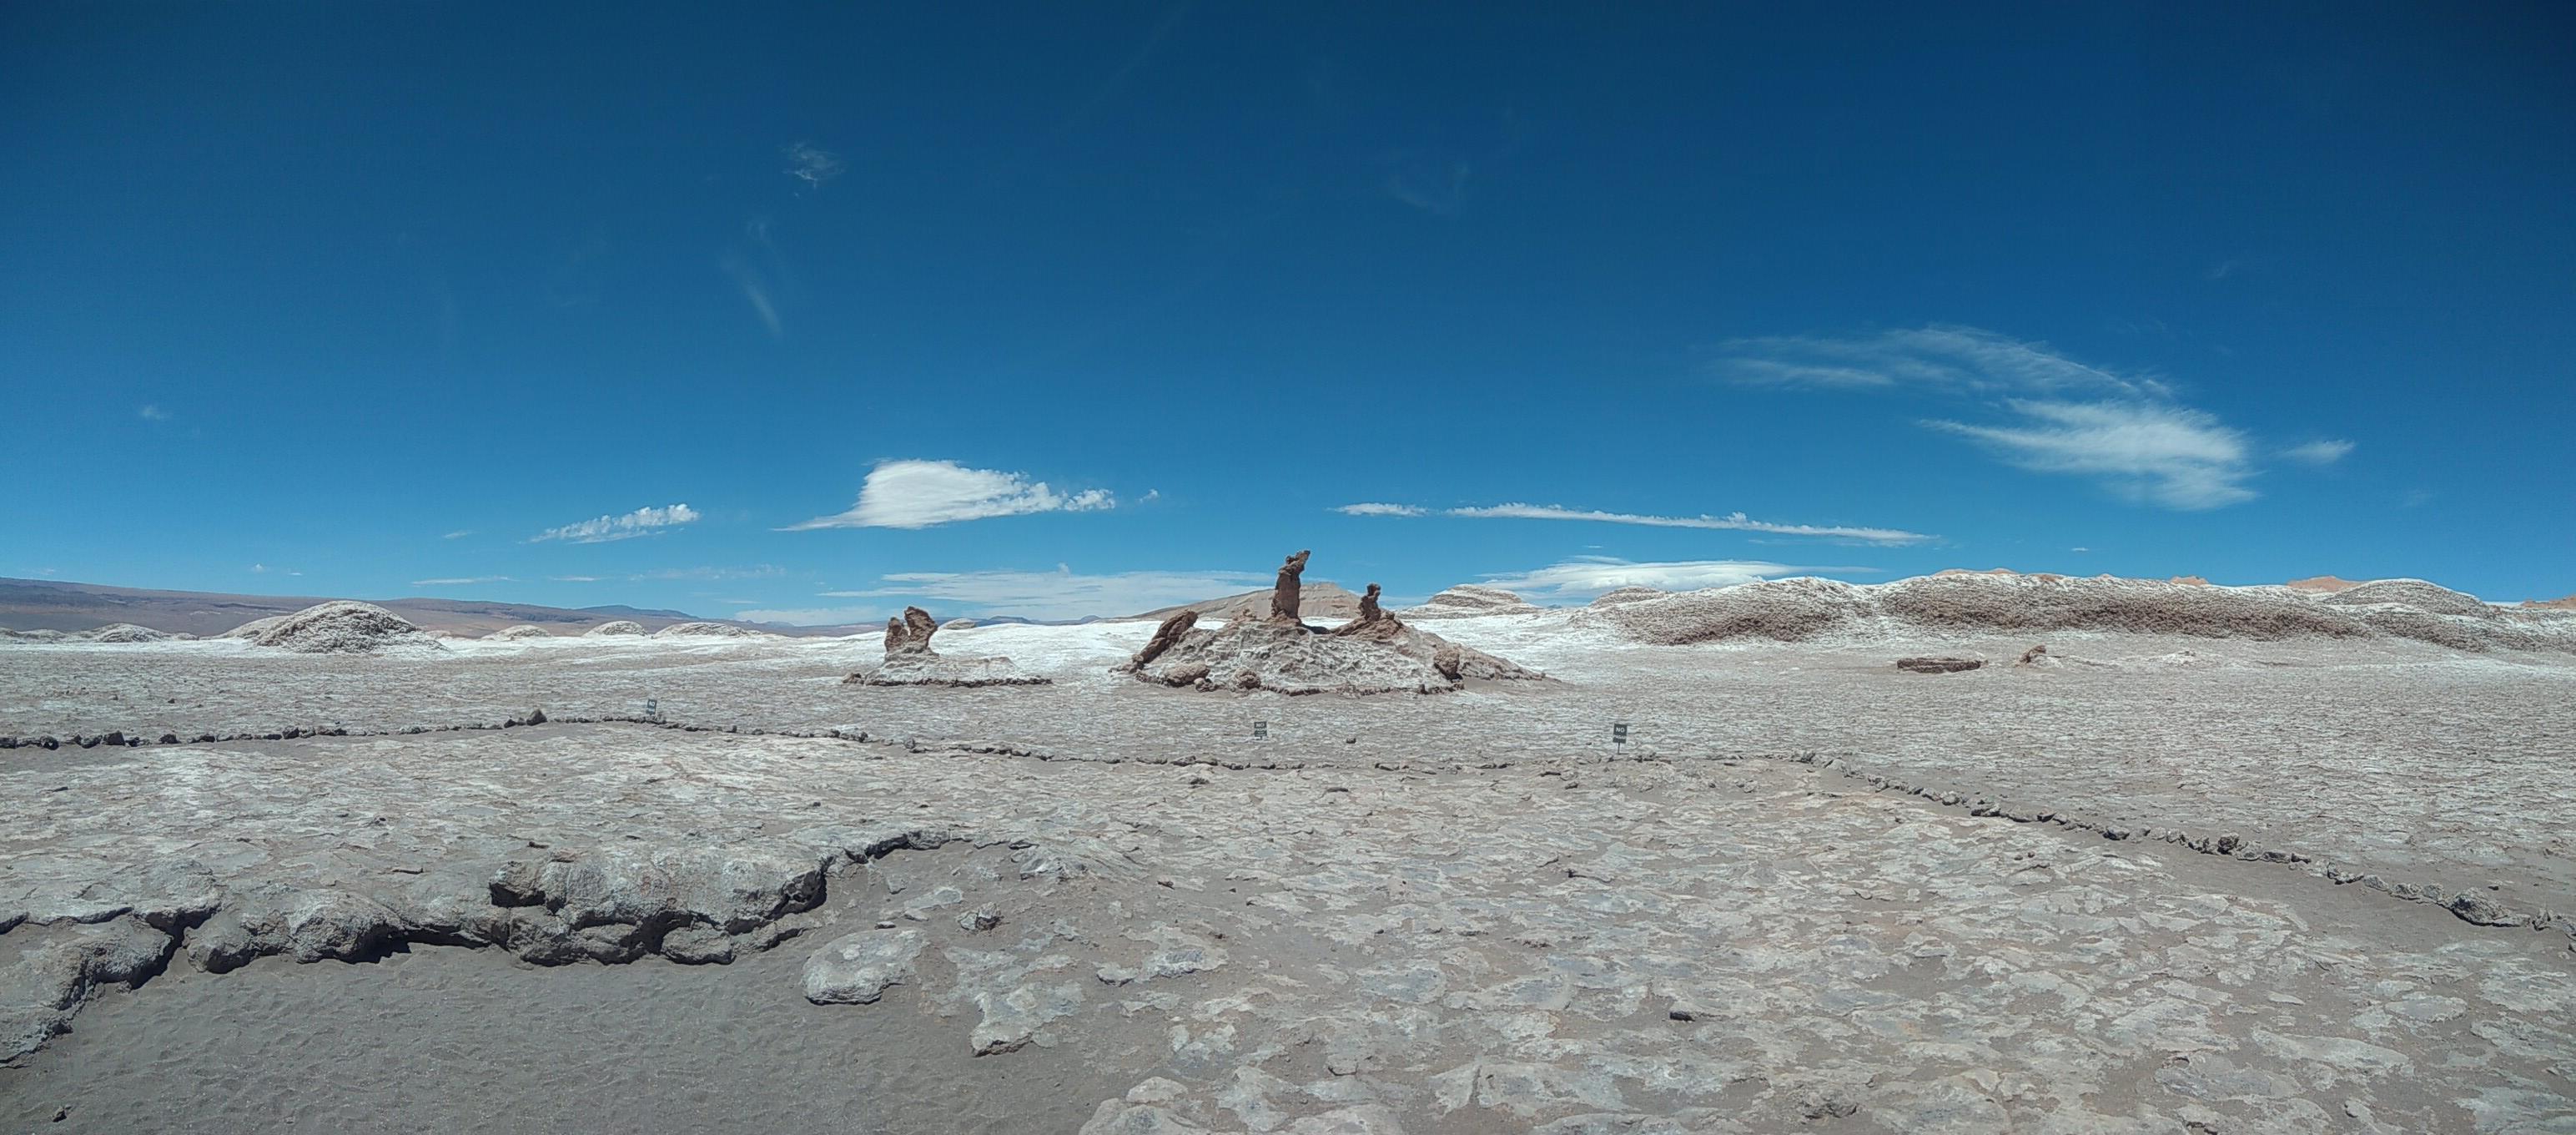 003 0812 Calama - Valle de la Luna 19jpg